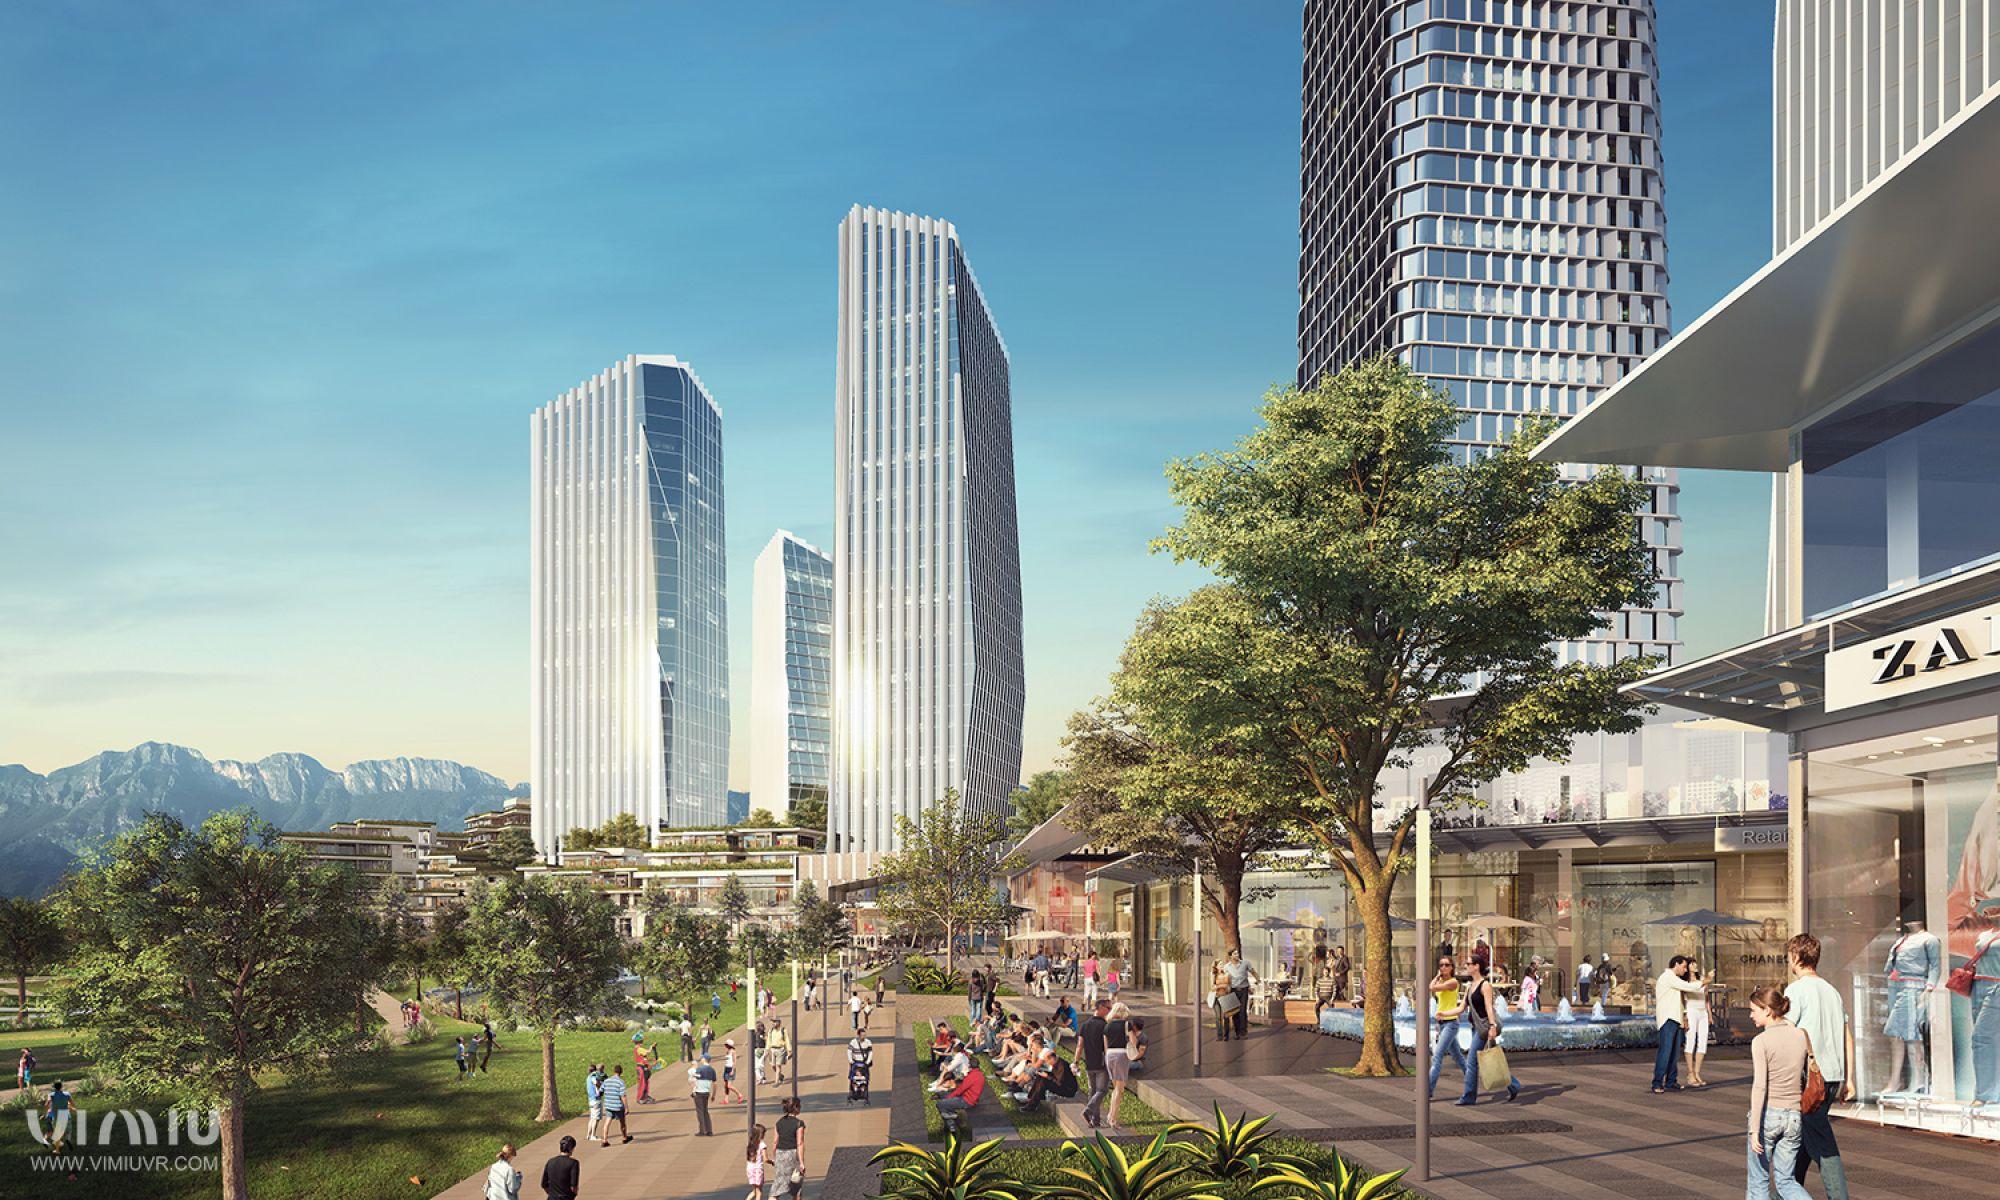 Otra vista del Distrito Diego Rivera | GM Capital   Imagen tomada del sitio cgarchitect.com